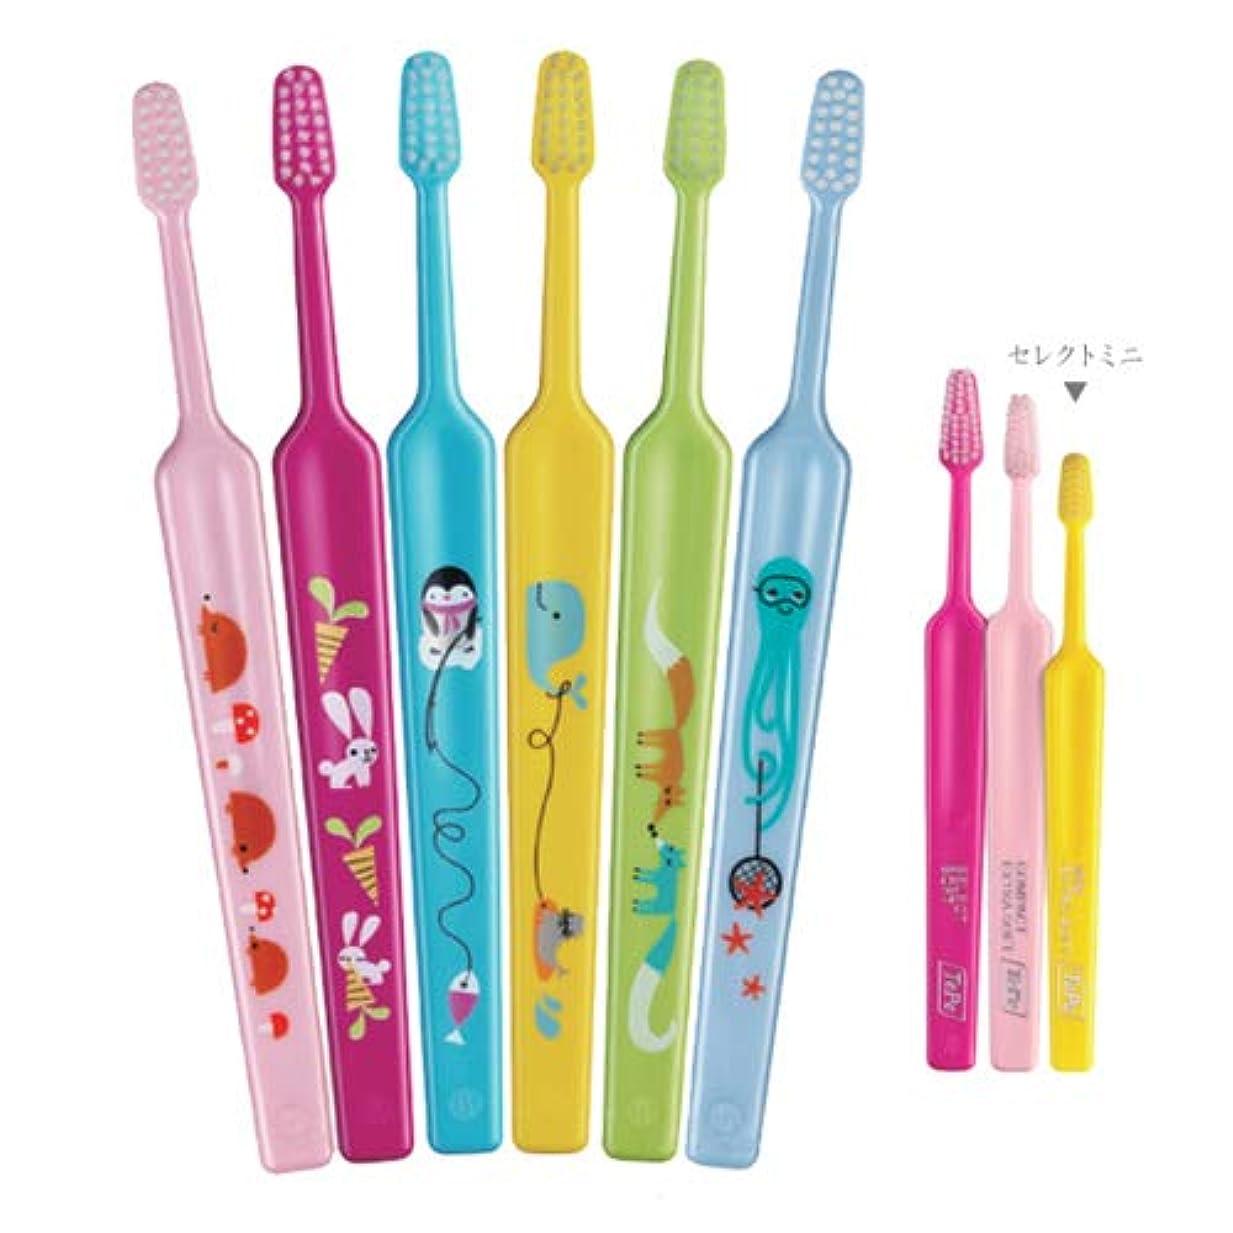 すぐにレンダリング法的Tepe歯ブラシ セレクトミニ エンジョイ/エクストラソフト 4本入り(※入荷商品によってカラーが写真と異なる場合があります)